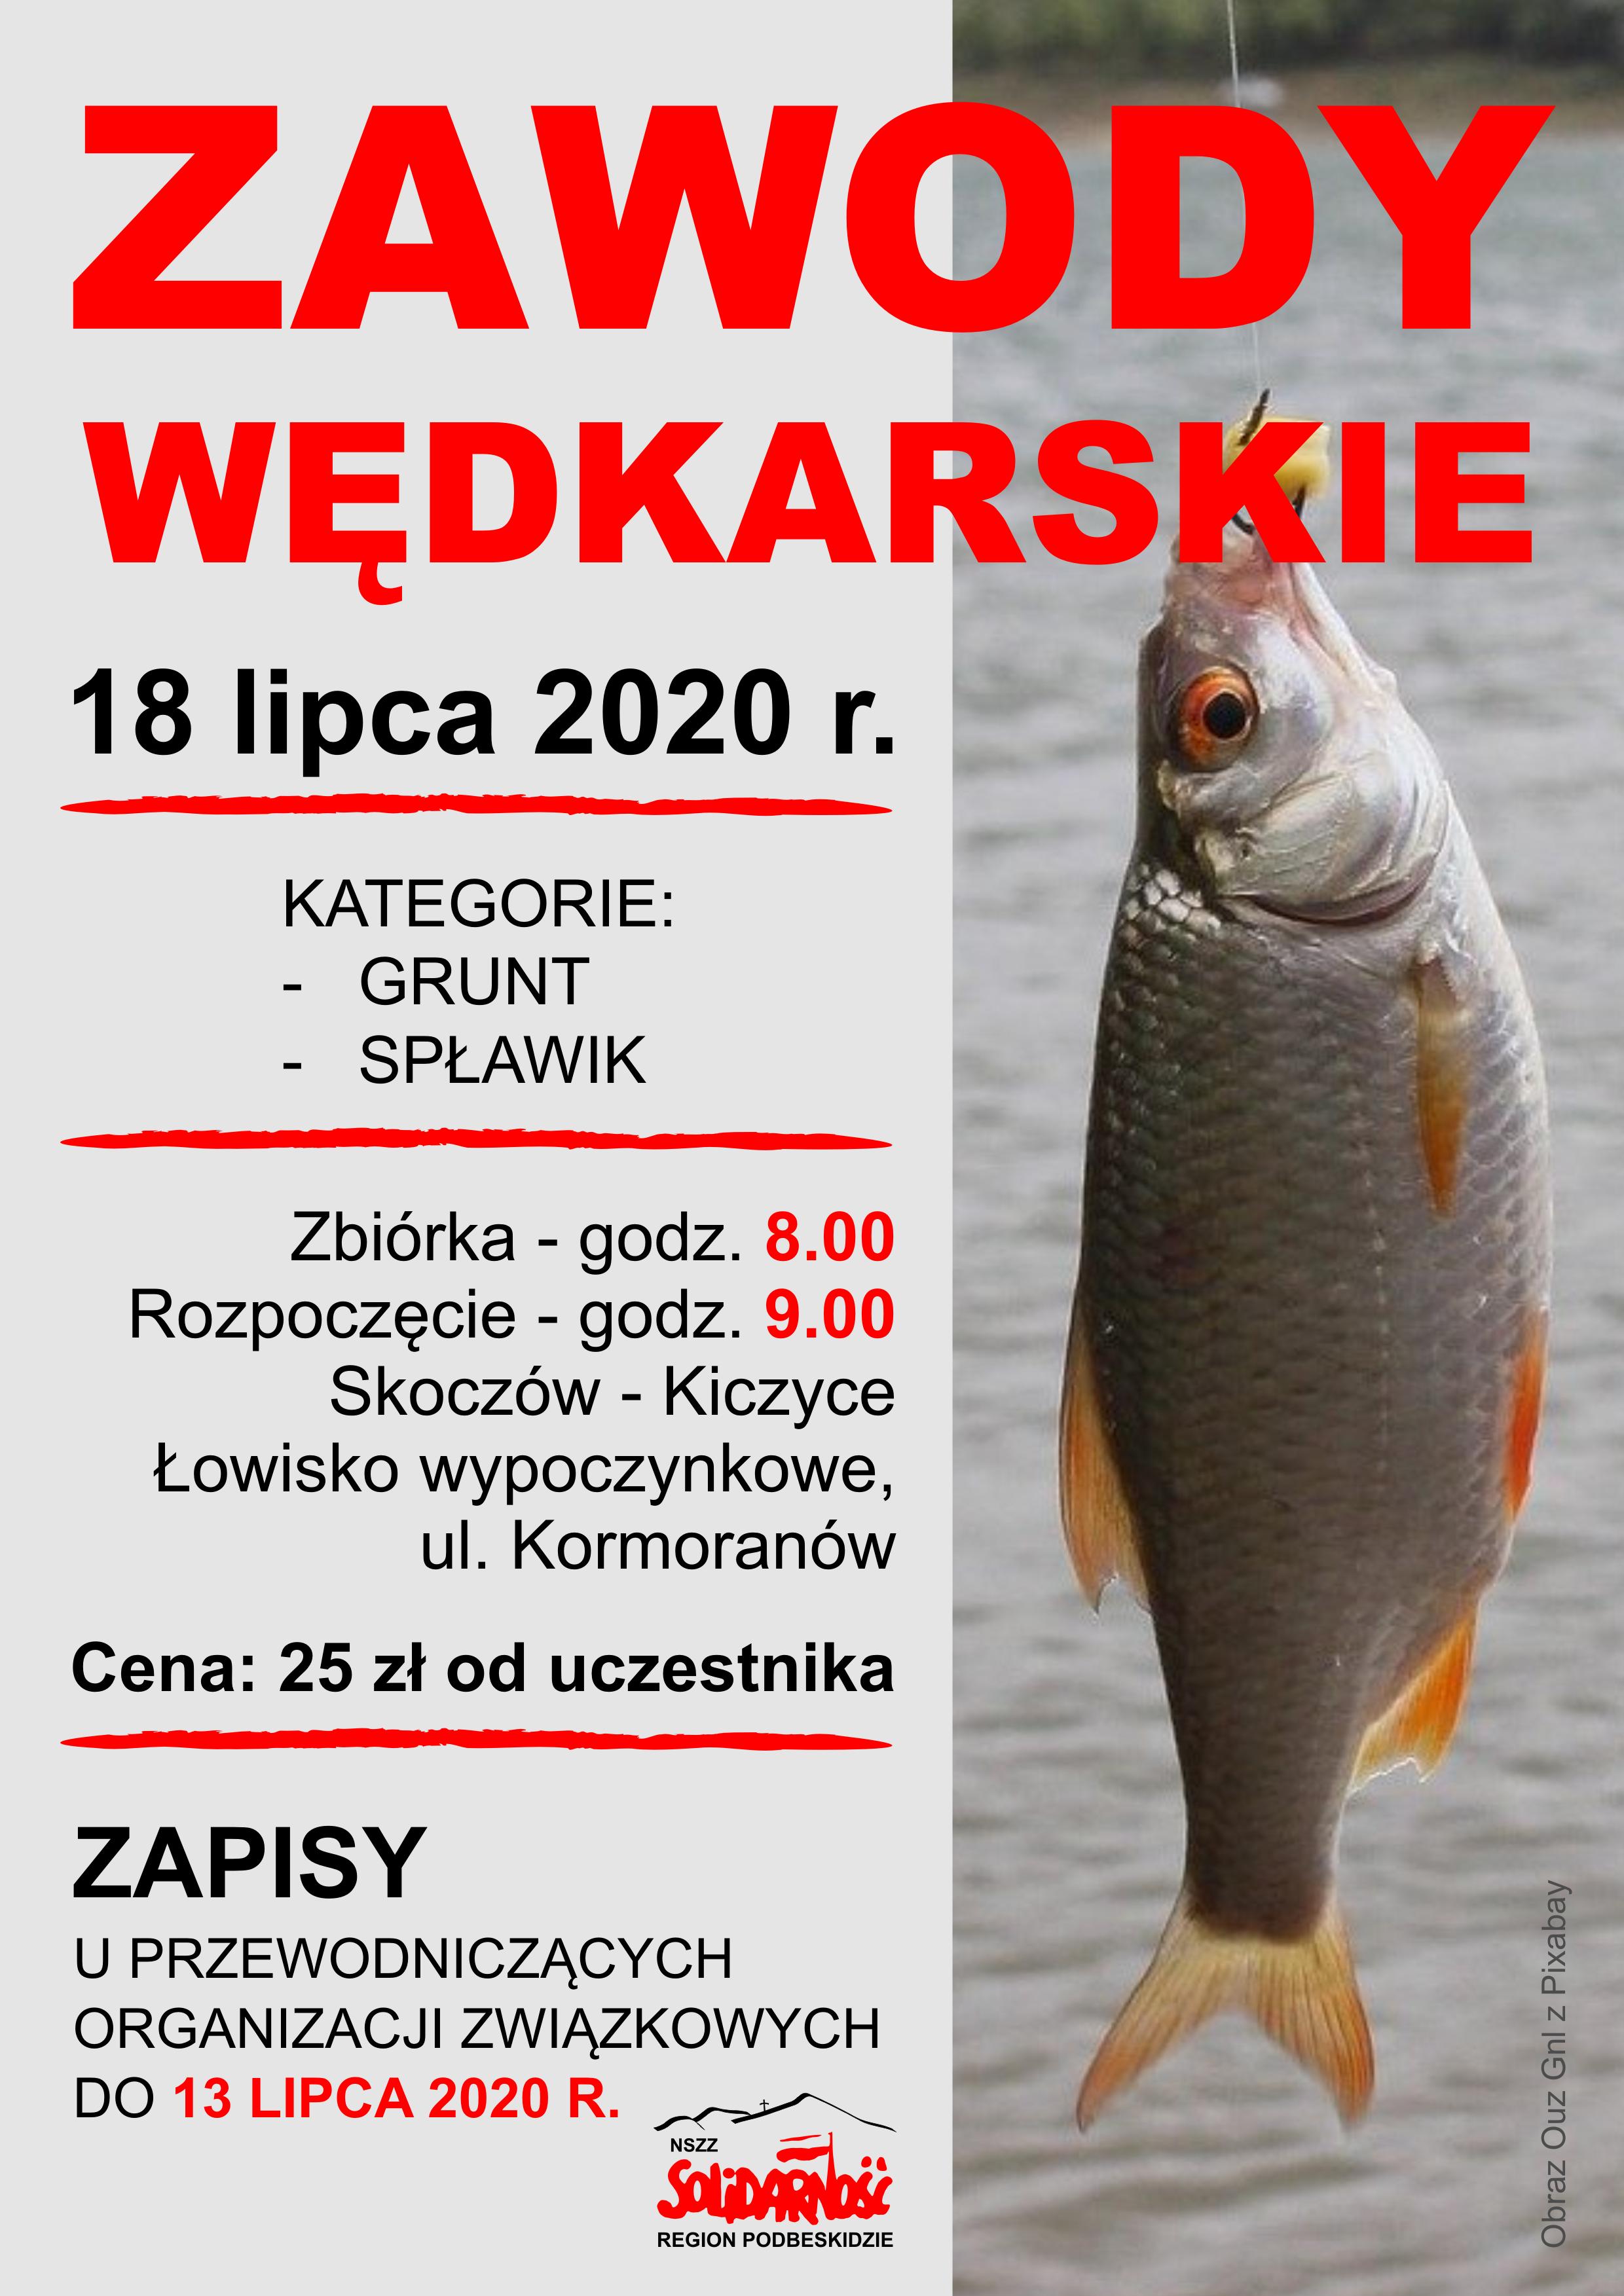 Zawody wędkarskie 2020